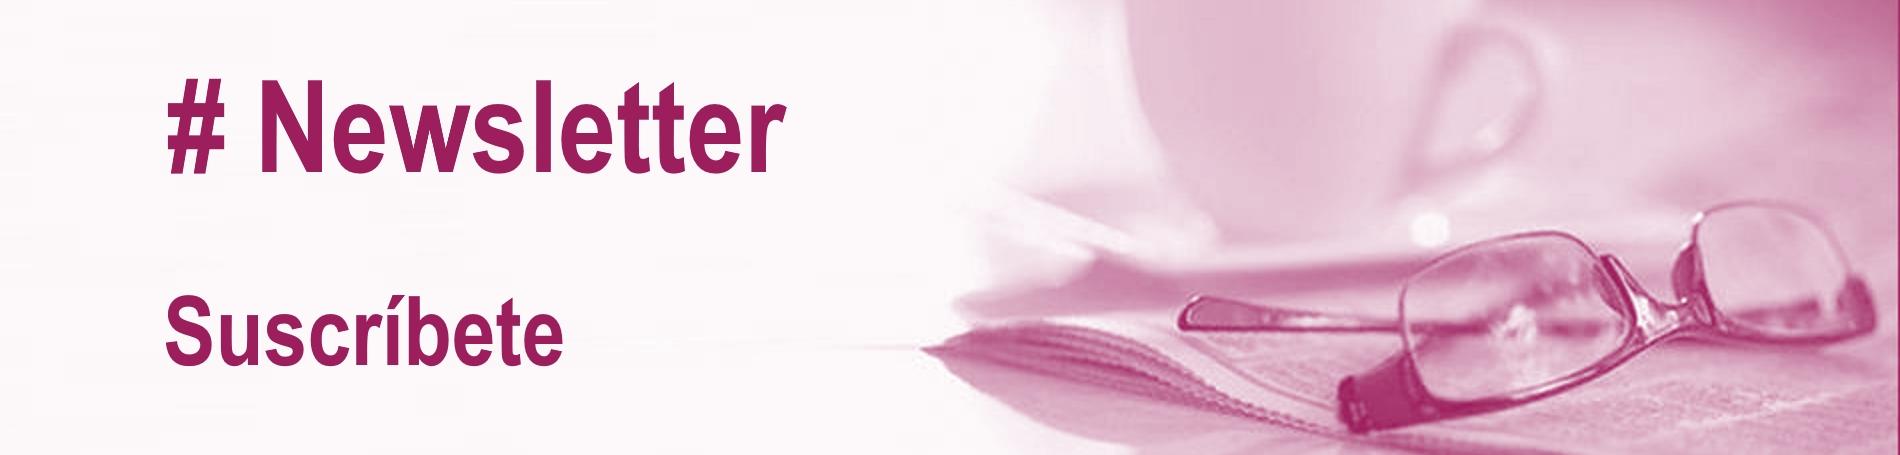 imagen-newsletter-registro